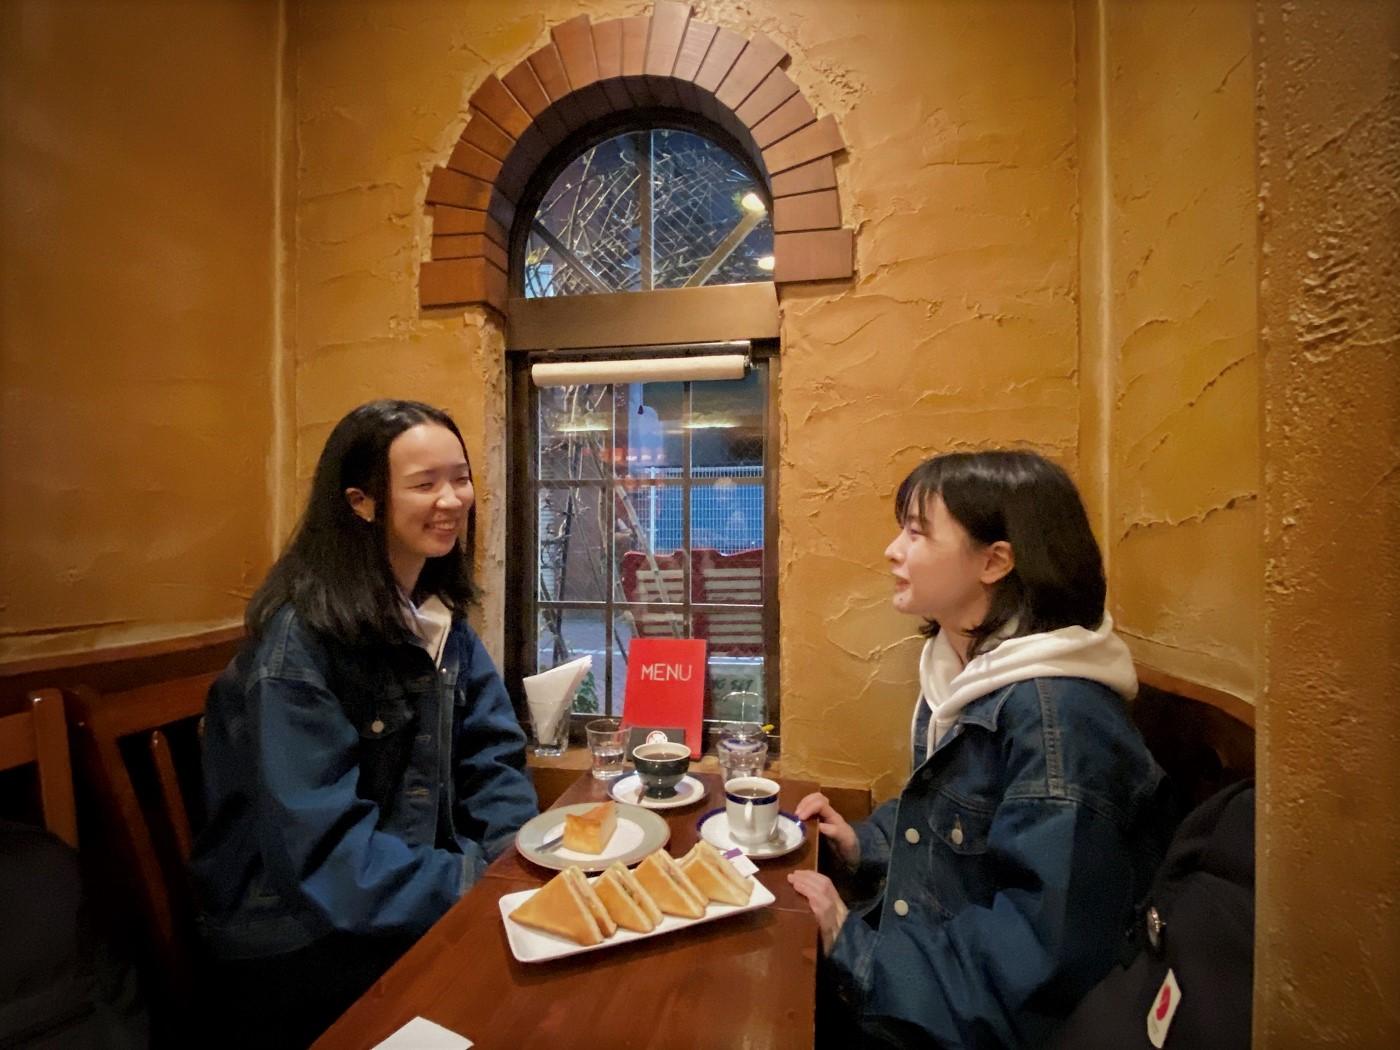 行き交う人を眺めるいい窓、おいしいコーヒーとおやつ。天国。